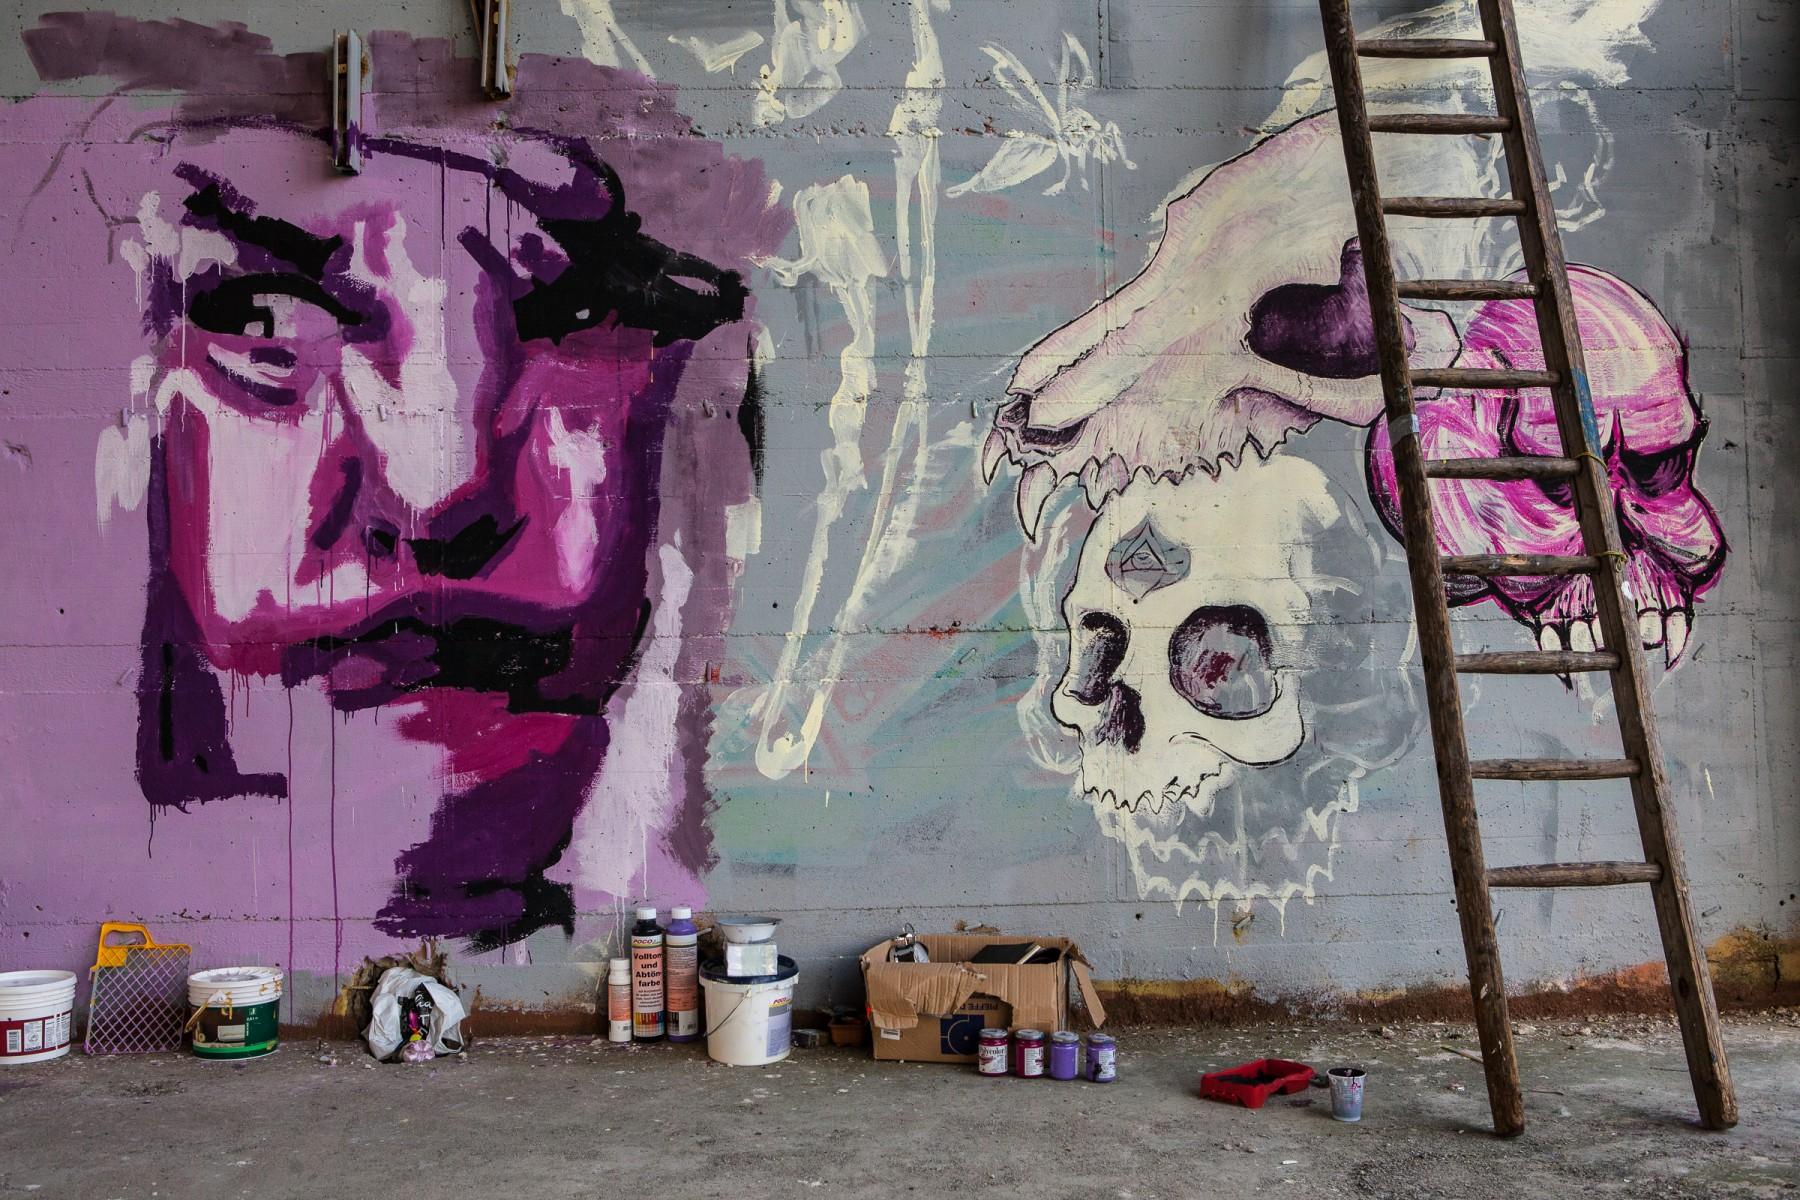 Graffiti Murals at Teufelsberg